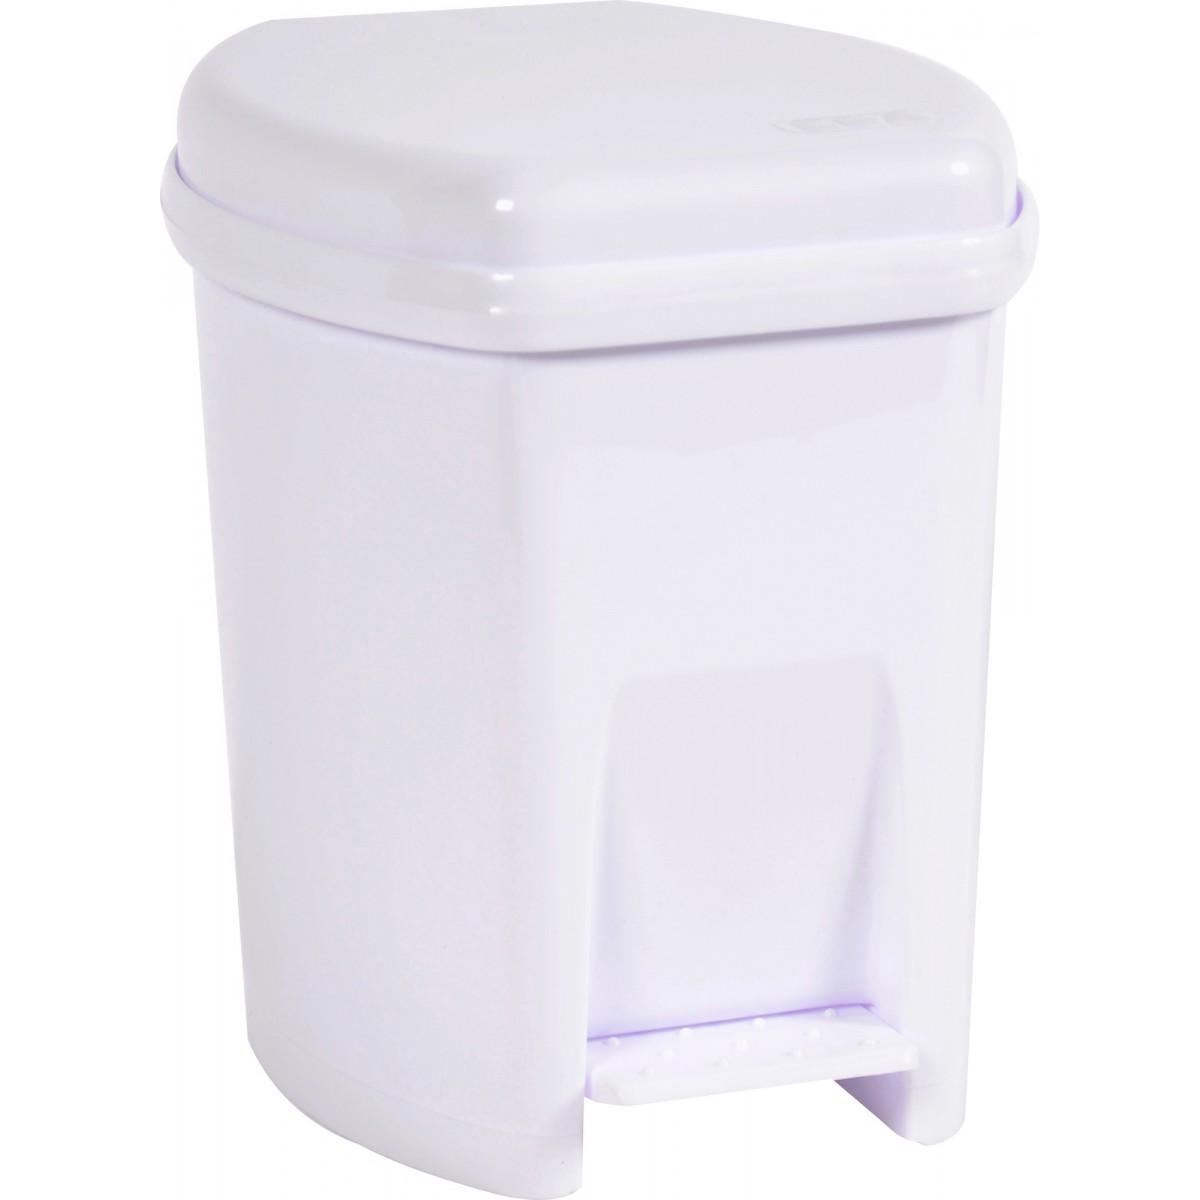 Poubelle plastique Eda - 6 l - Blanc